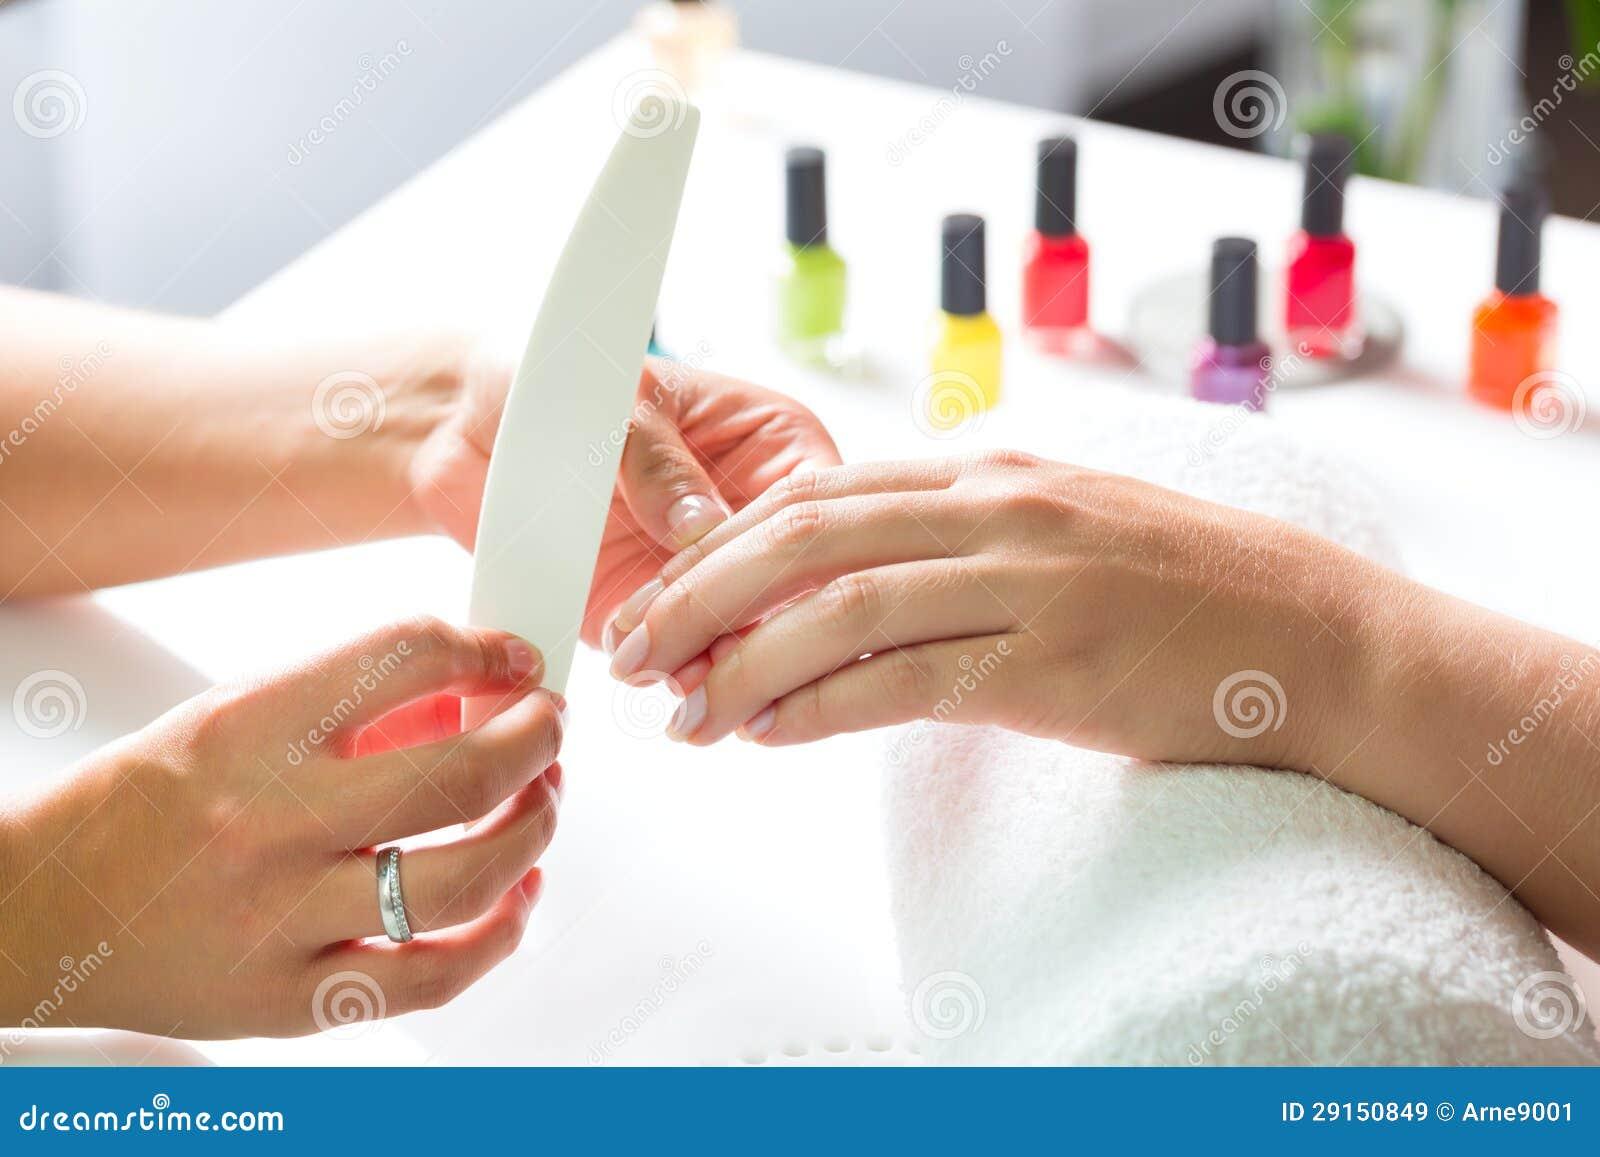 Femme dans le salon d 39 ongle recevant la manucure images for Salon pour les ongles